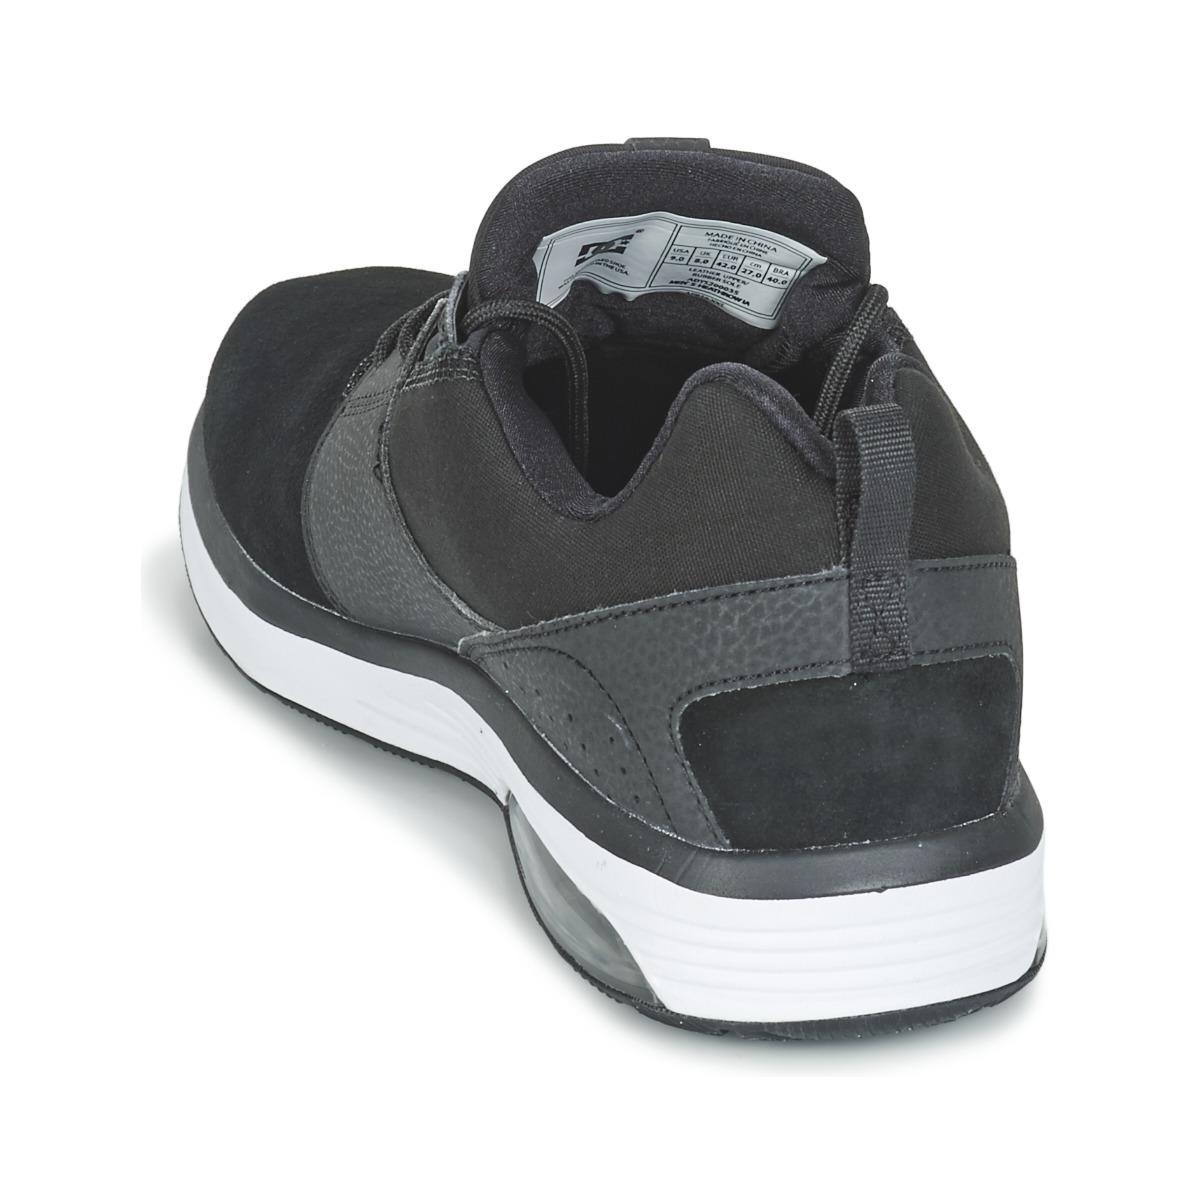 DC Shoes Lage Sneakers Heathrow Ia M Shoe 001 in het Zwart voor heren